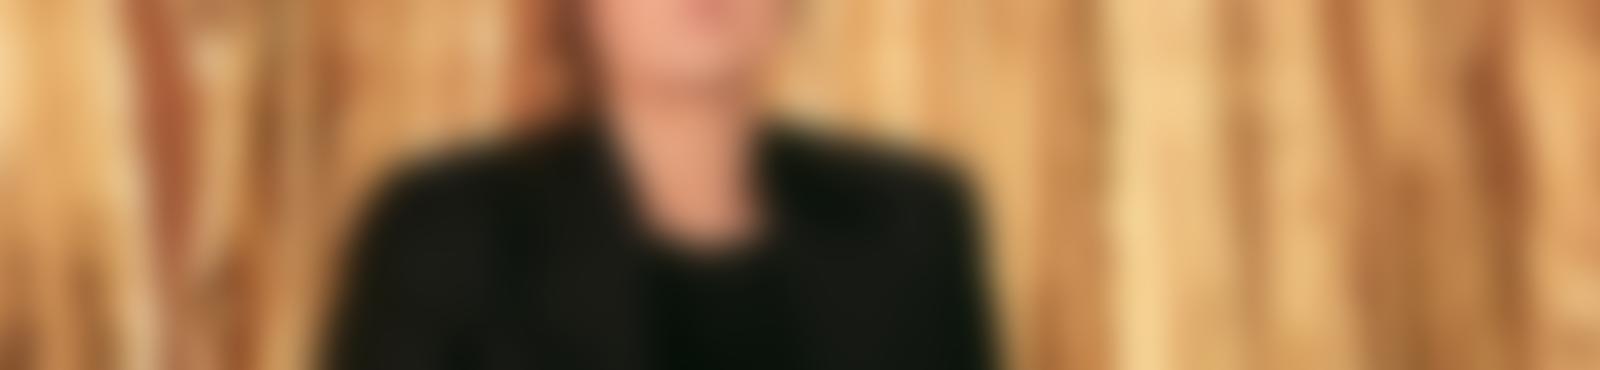 Blurred a10eedf9 7877 4f6f bb91 71e1552deed3